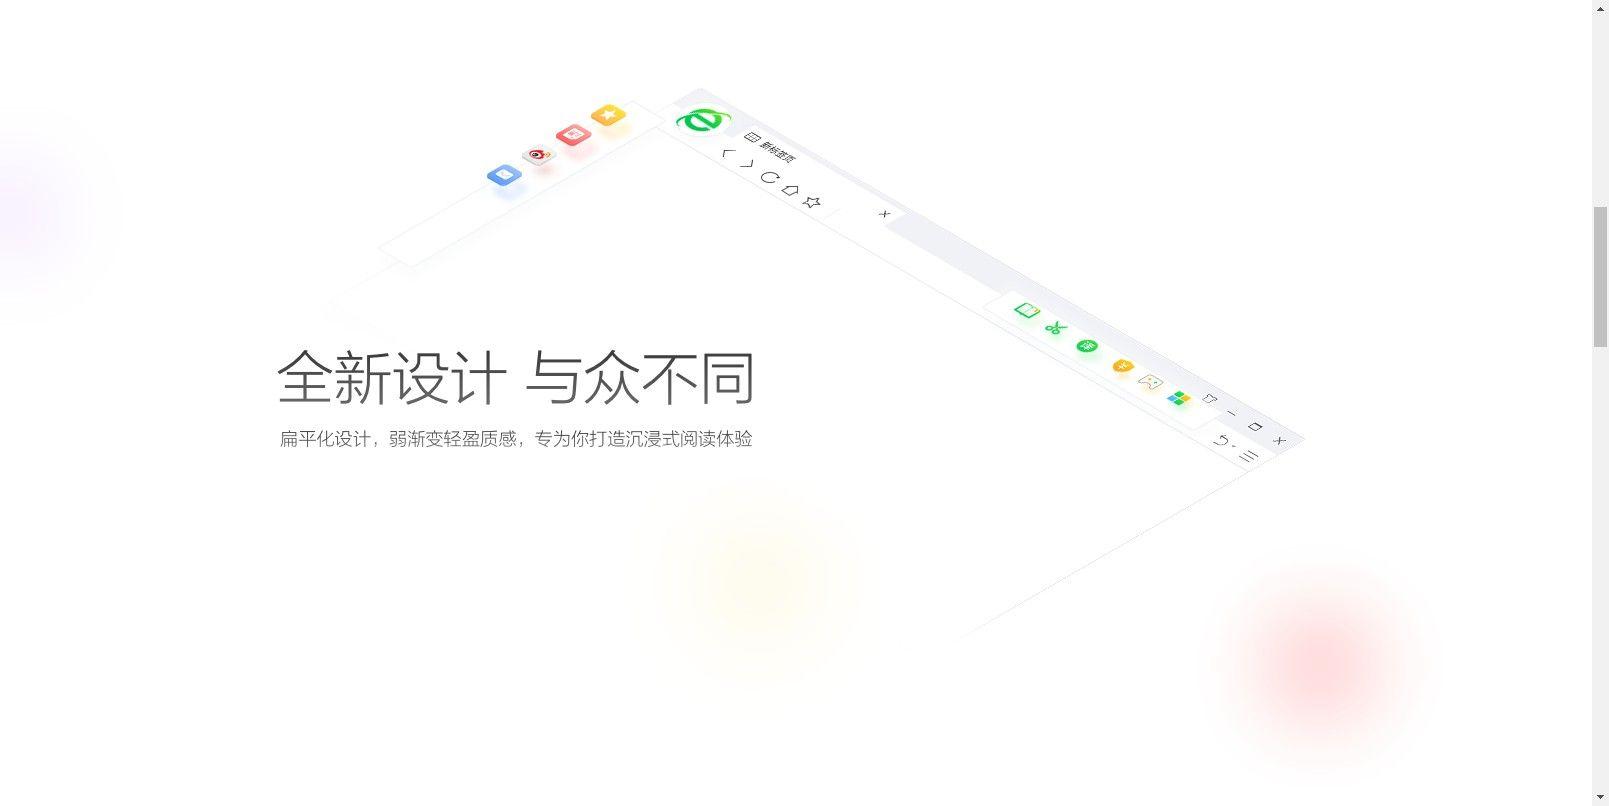 360安全浏览器电脑版下载2018官方下载图片1